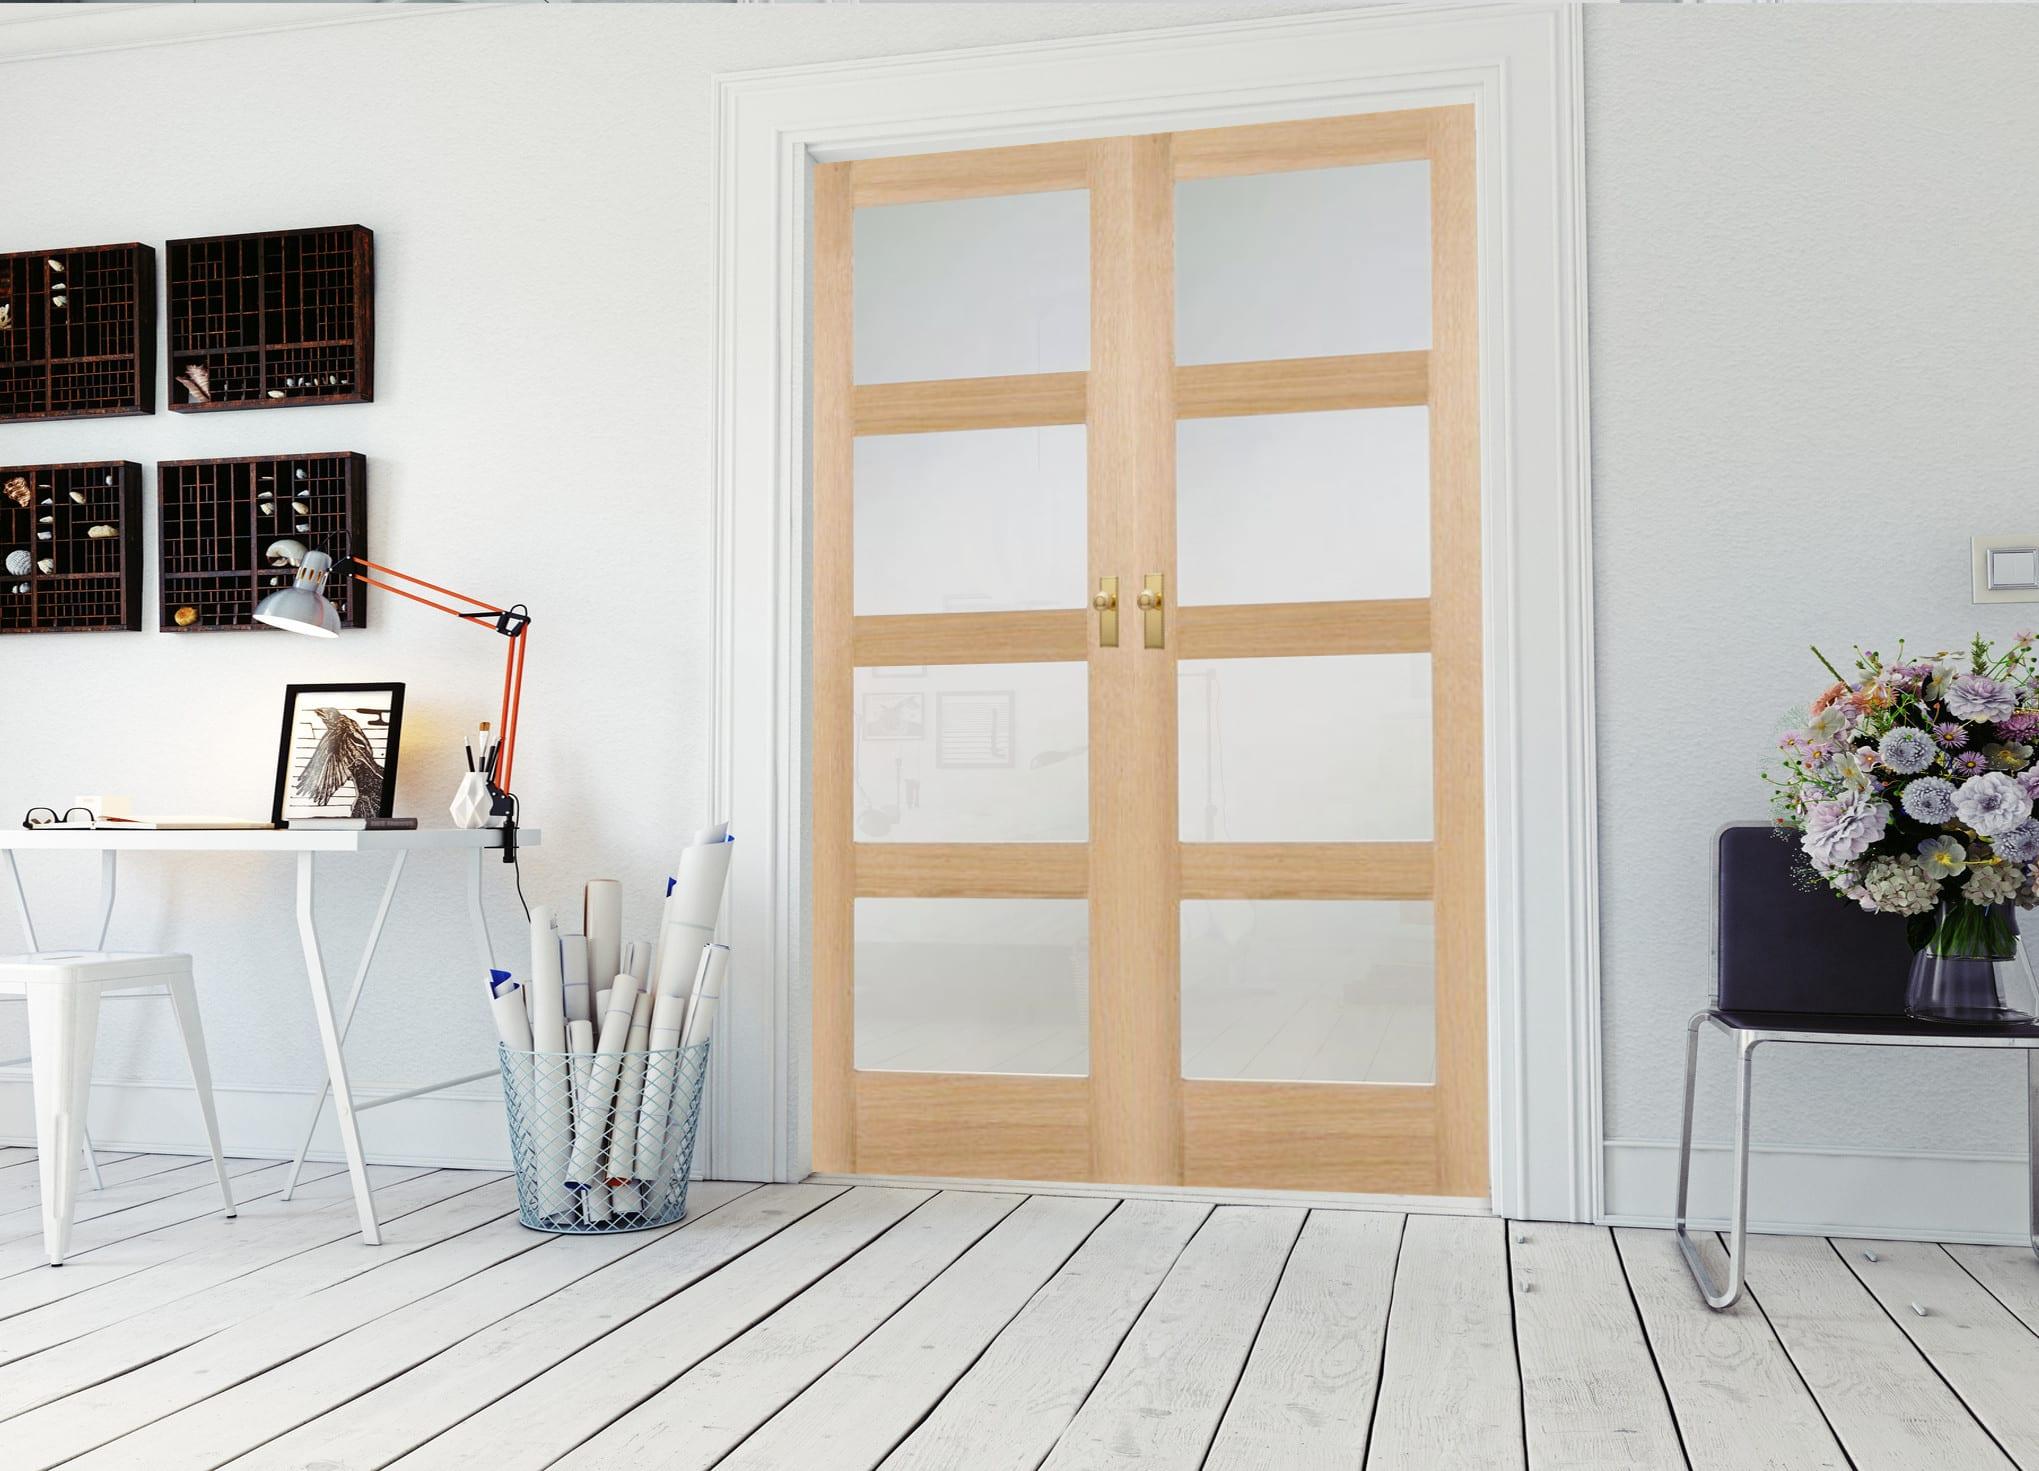 Oak Shaker 4 Light Frosted Glass Internal Door Pair